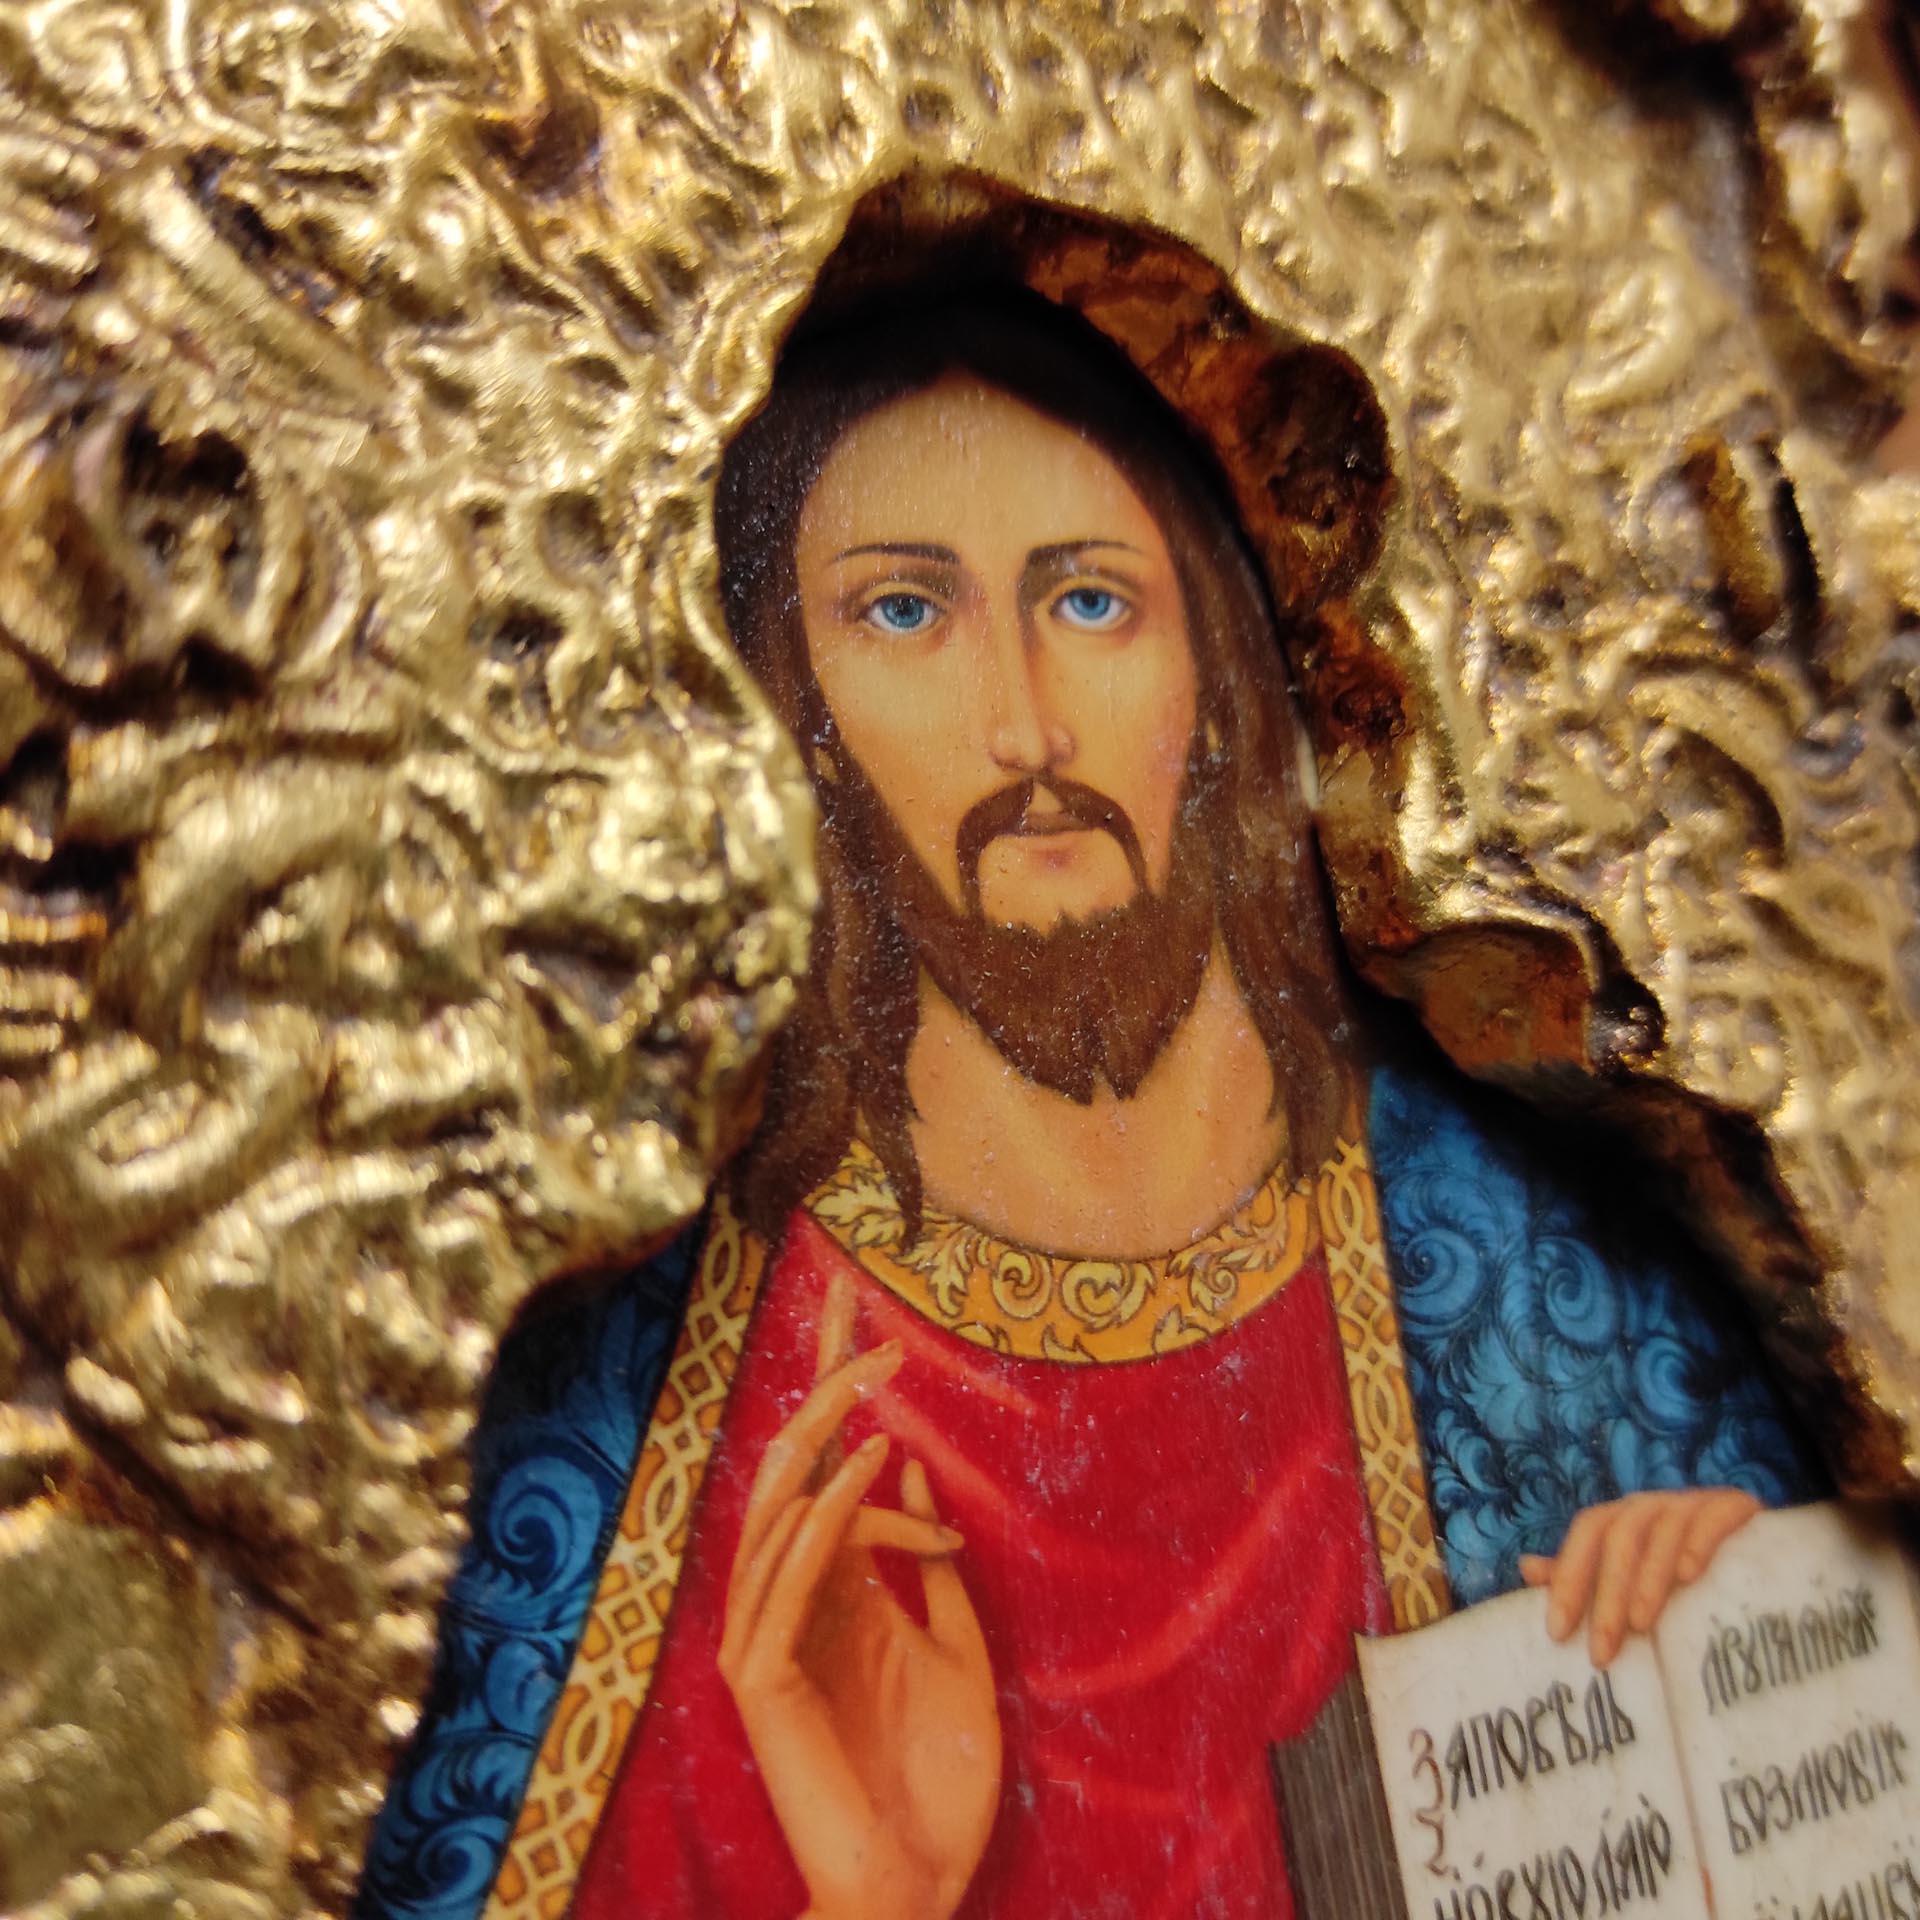 Фото иконы без трещин Господа Вседержителя с позолоченной ризой